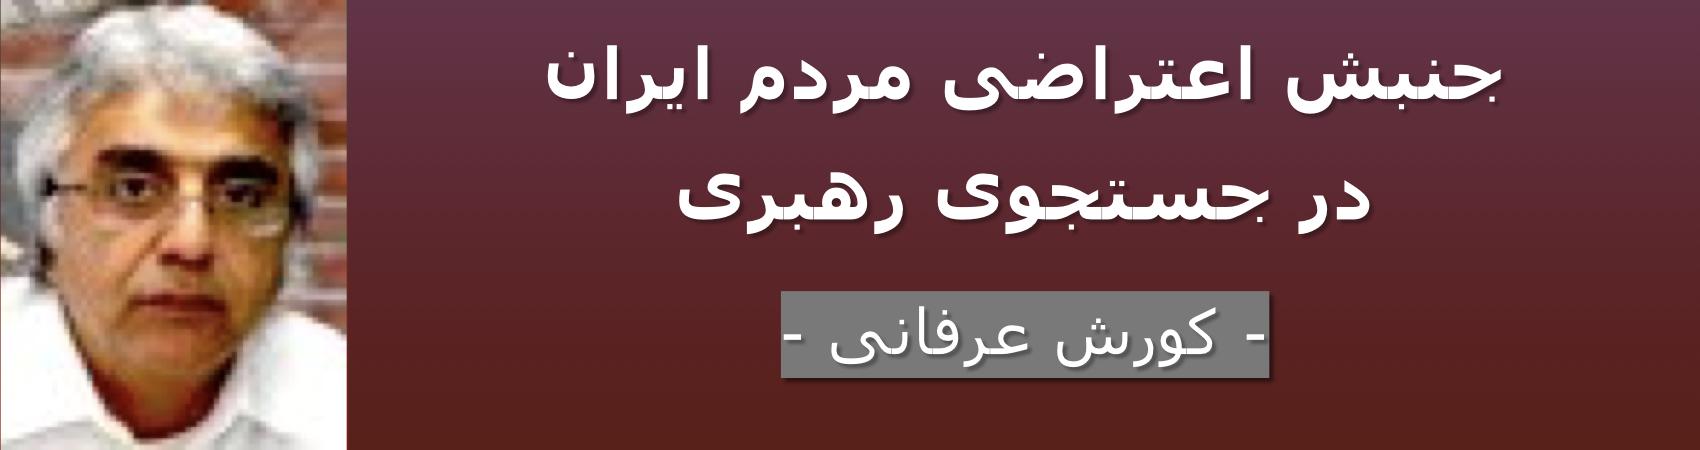 جنبش اعتراضی مردم ایران در جستجوی رهبری